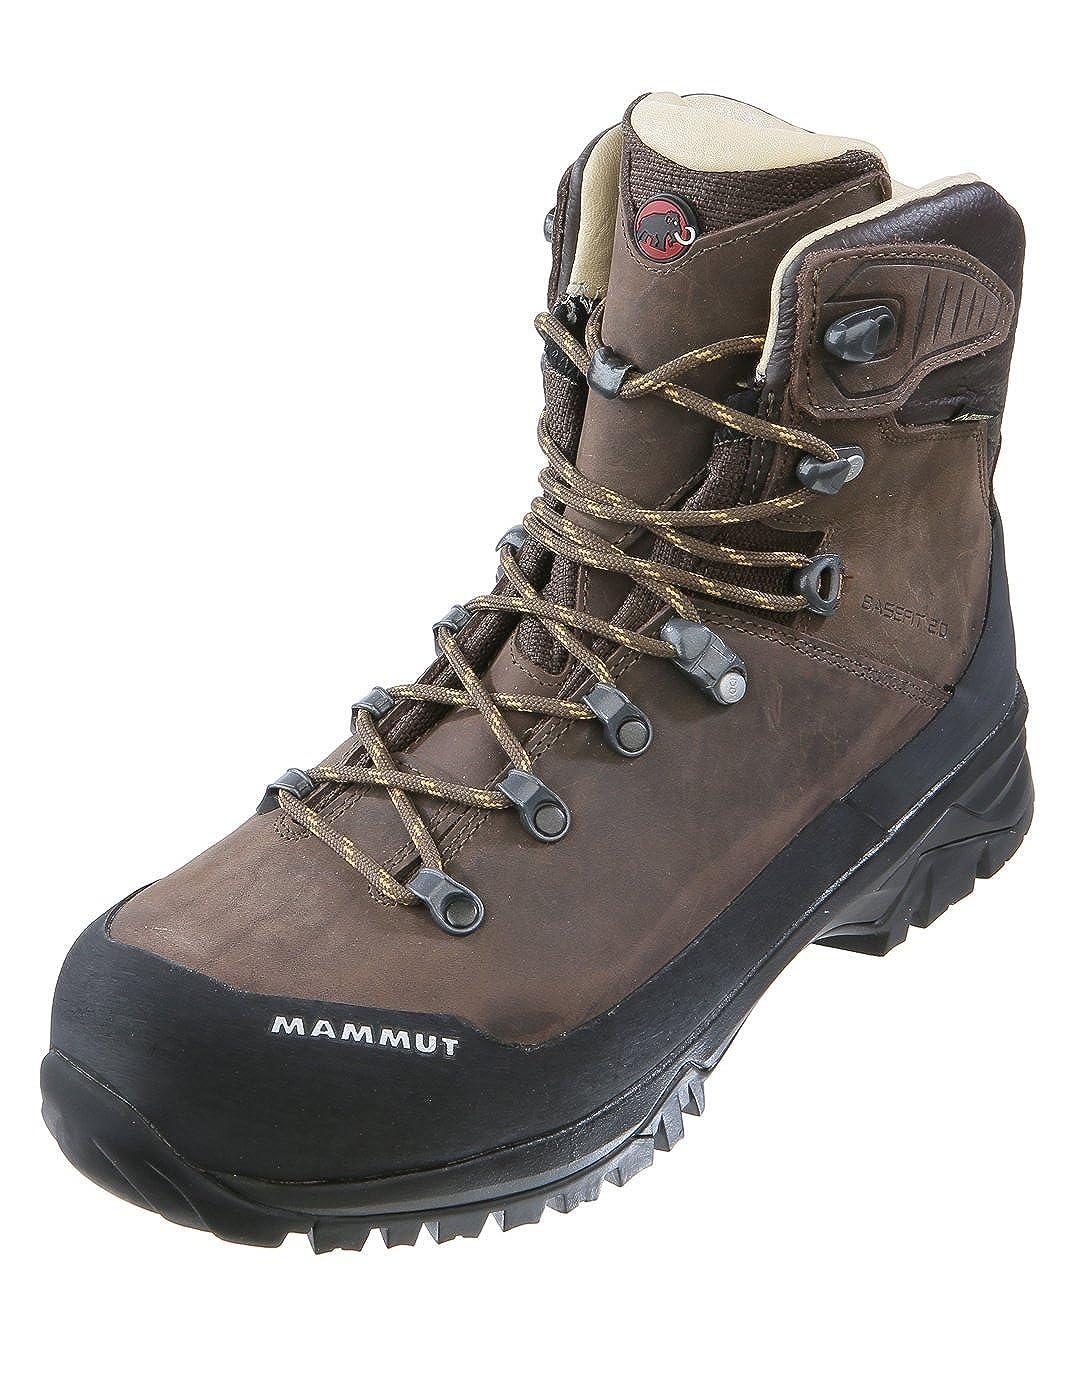 c8d58e1c395 Mammut Men's Trovat Guide GTX High Rise Hiking Boots